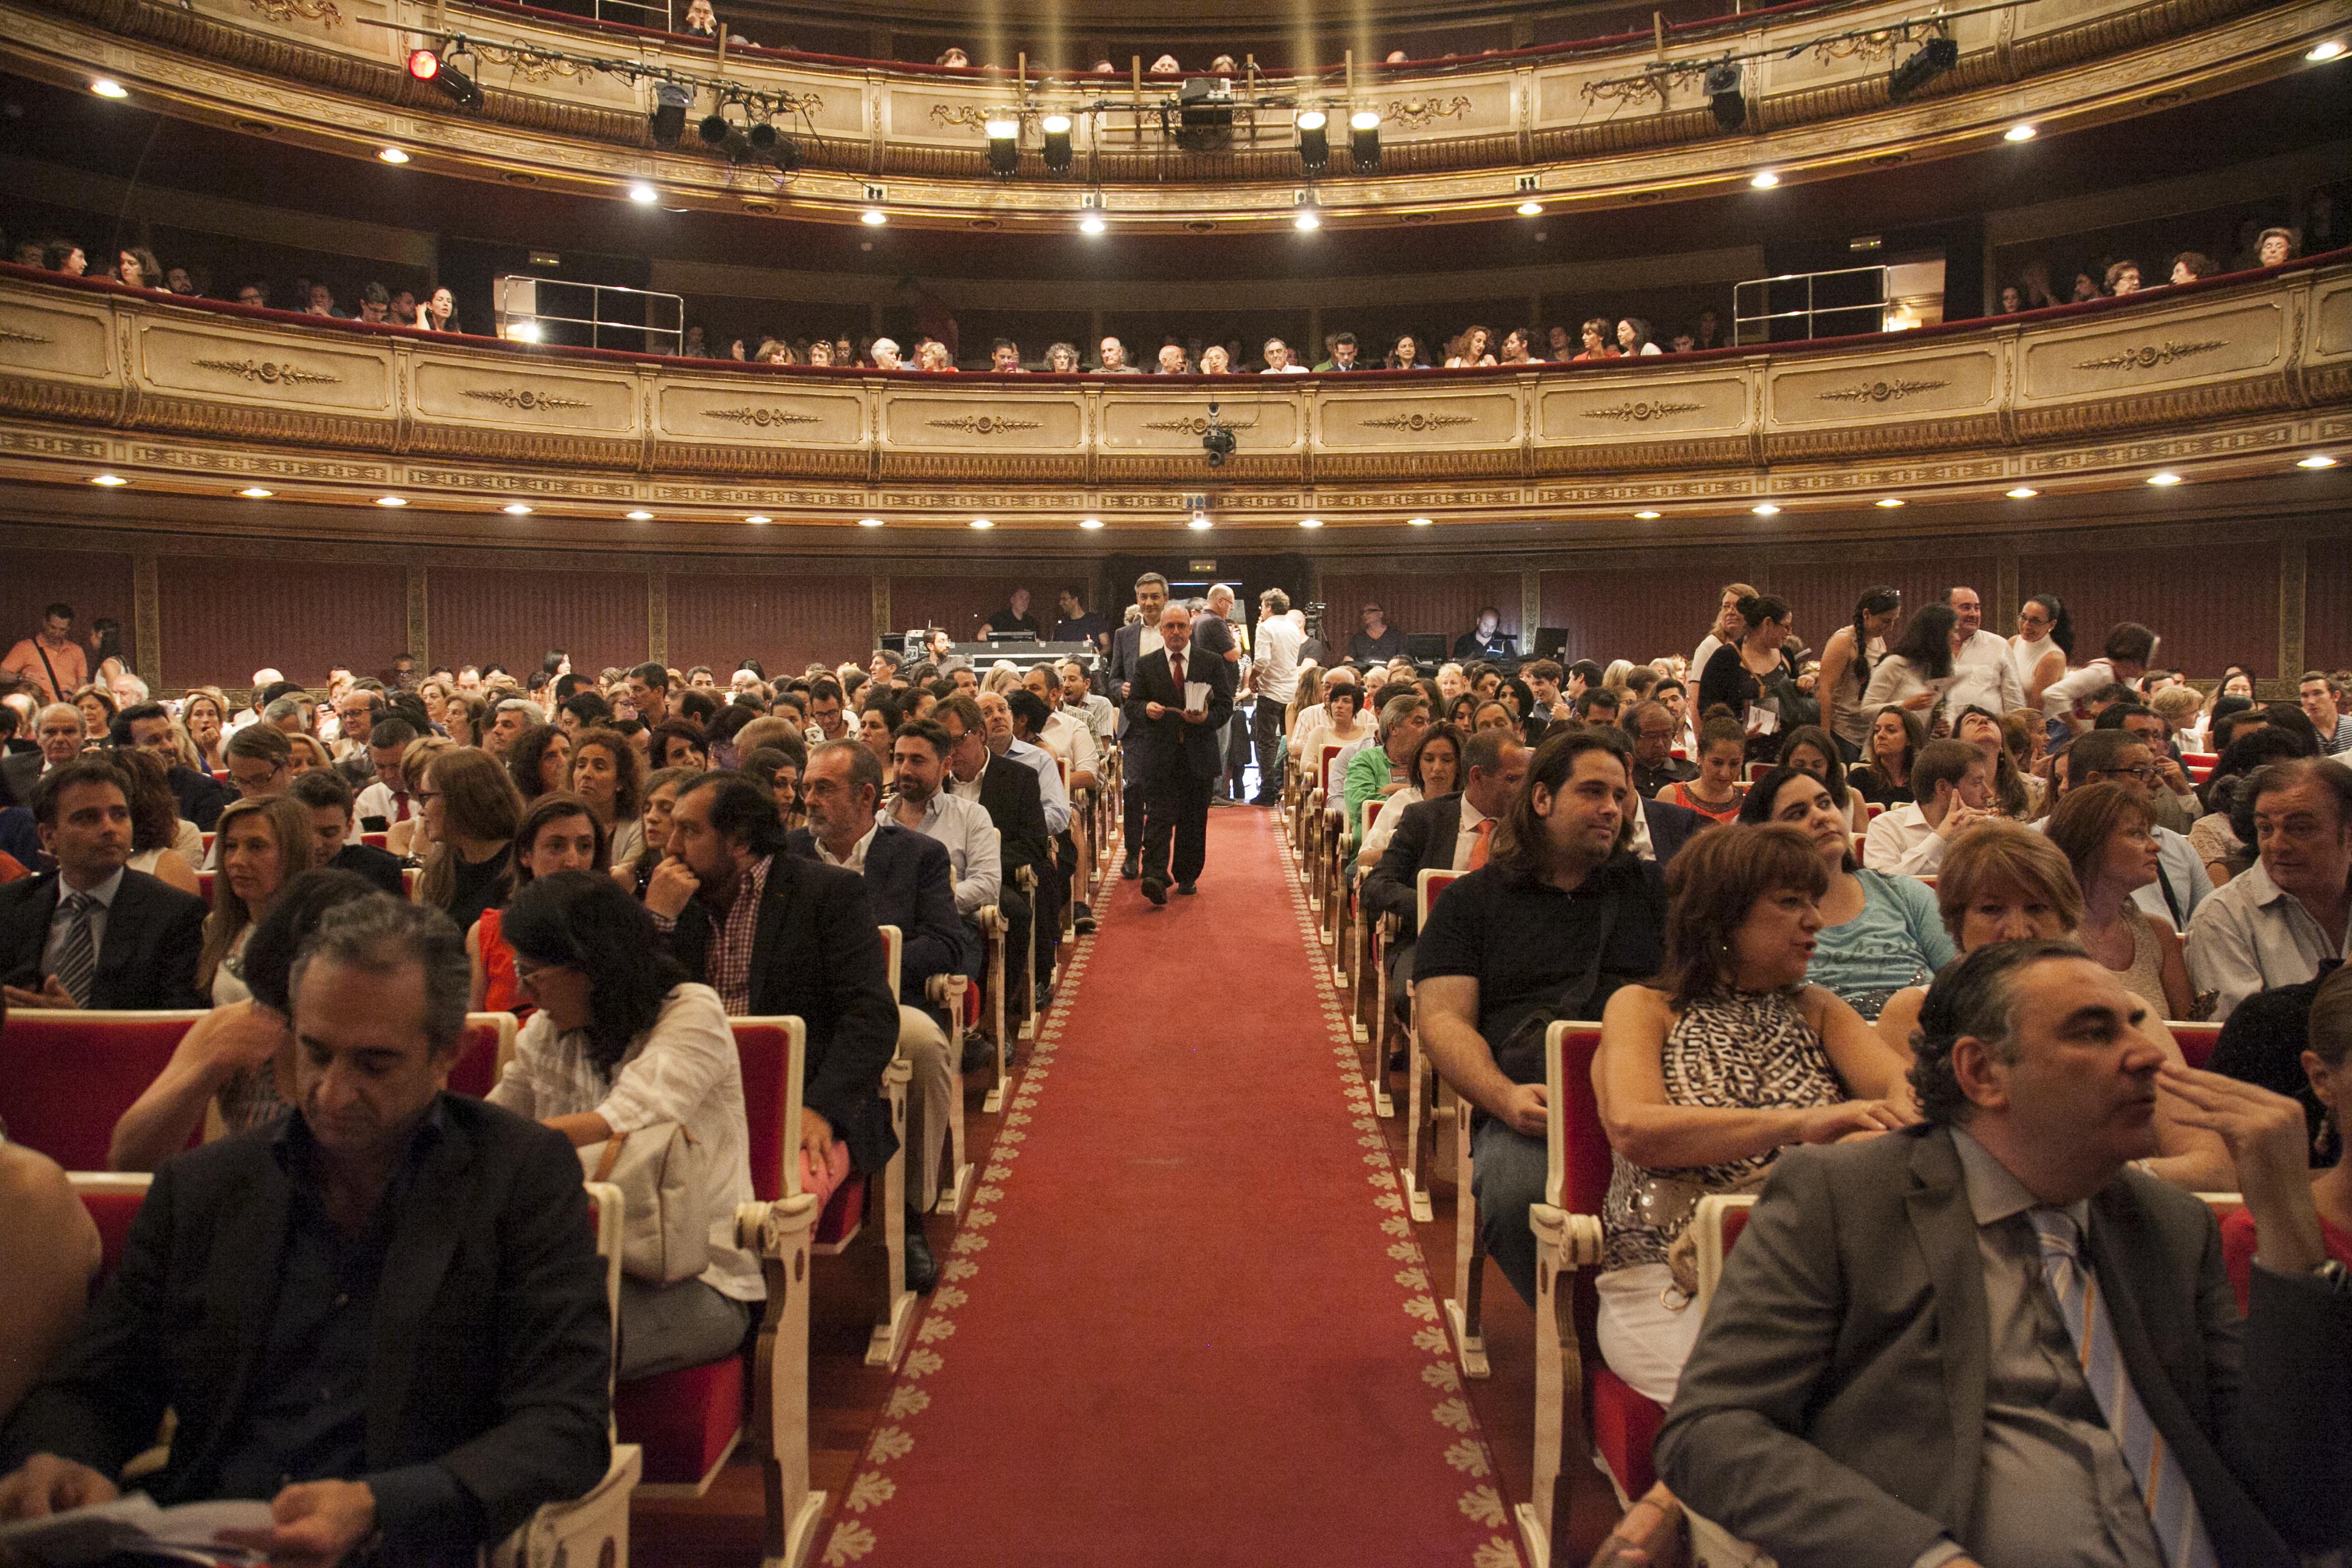 Evento DataCentric en el Teatro de la Zarzuela